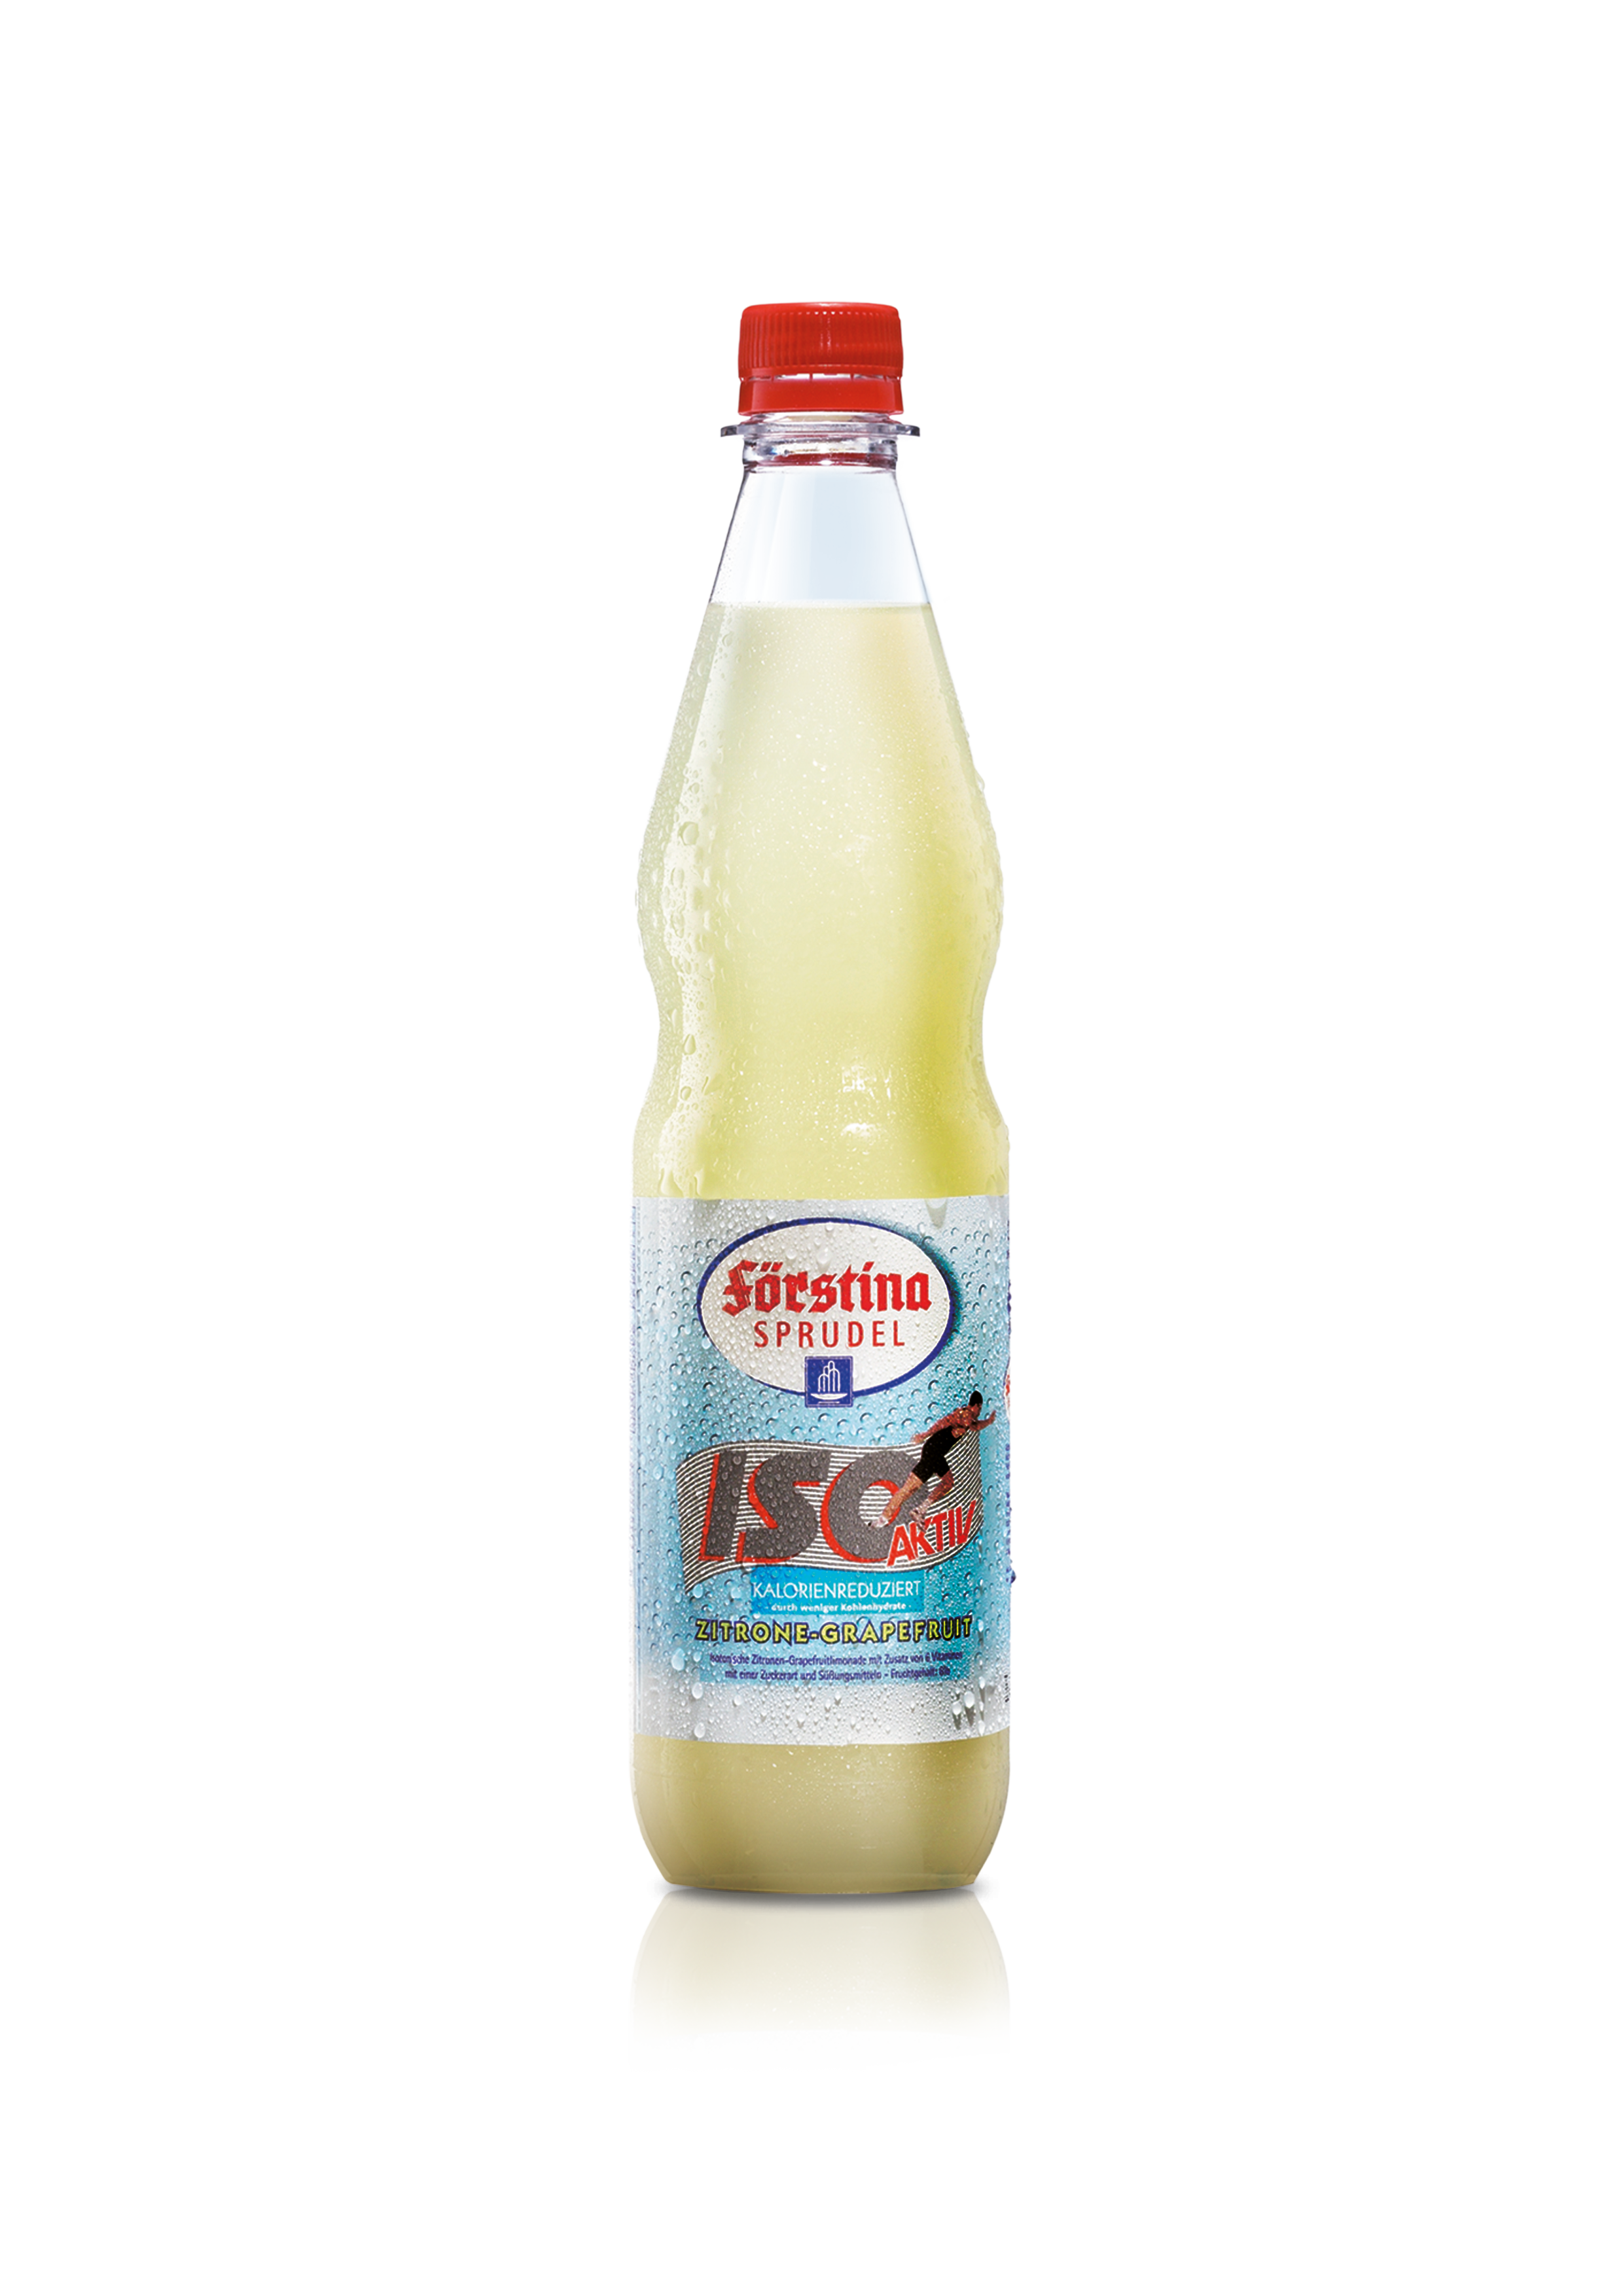 Förstina-ISO-Aktiv – die Energiequelle für Sportler - Förstina Sprudel